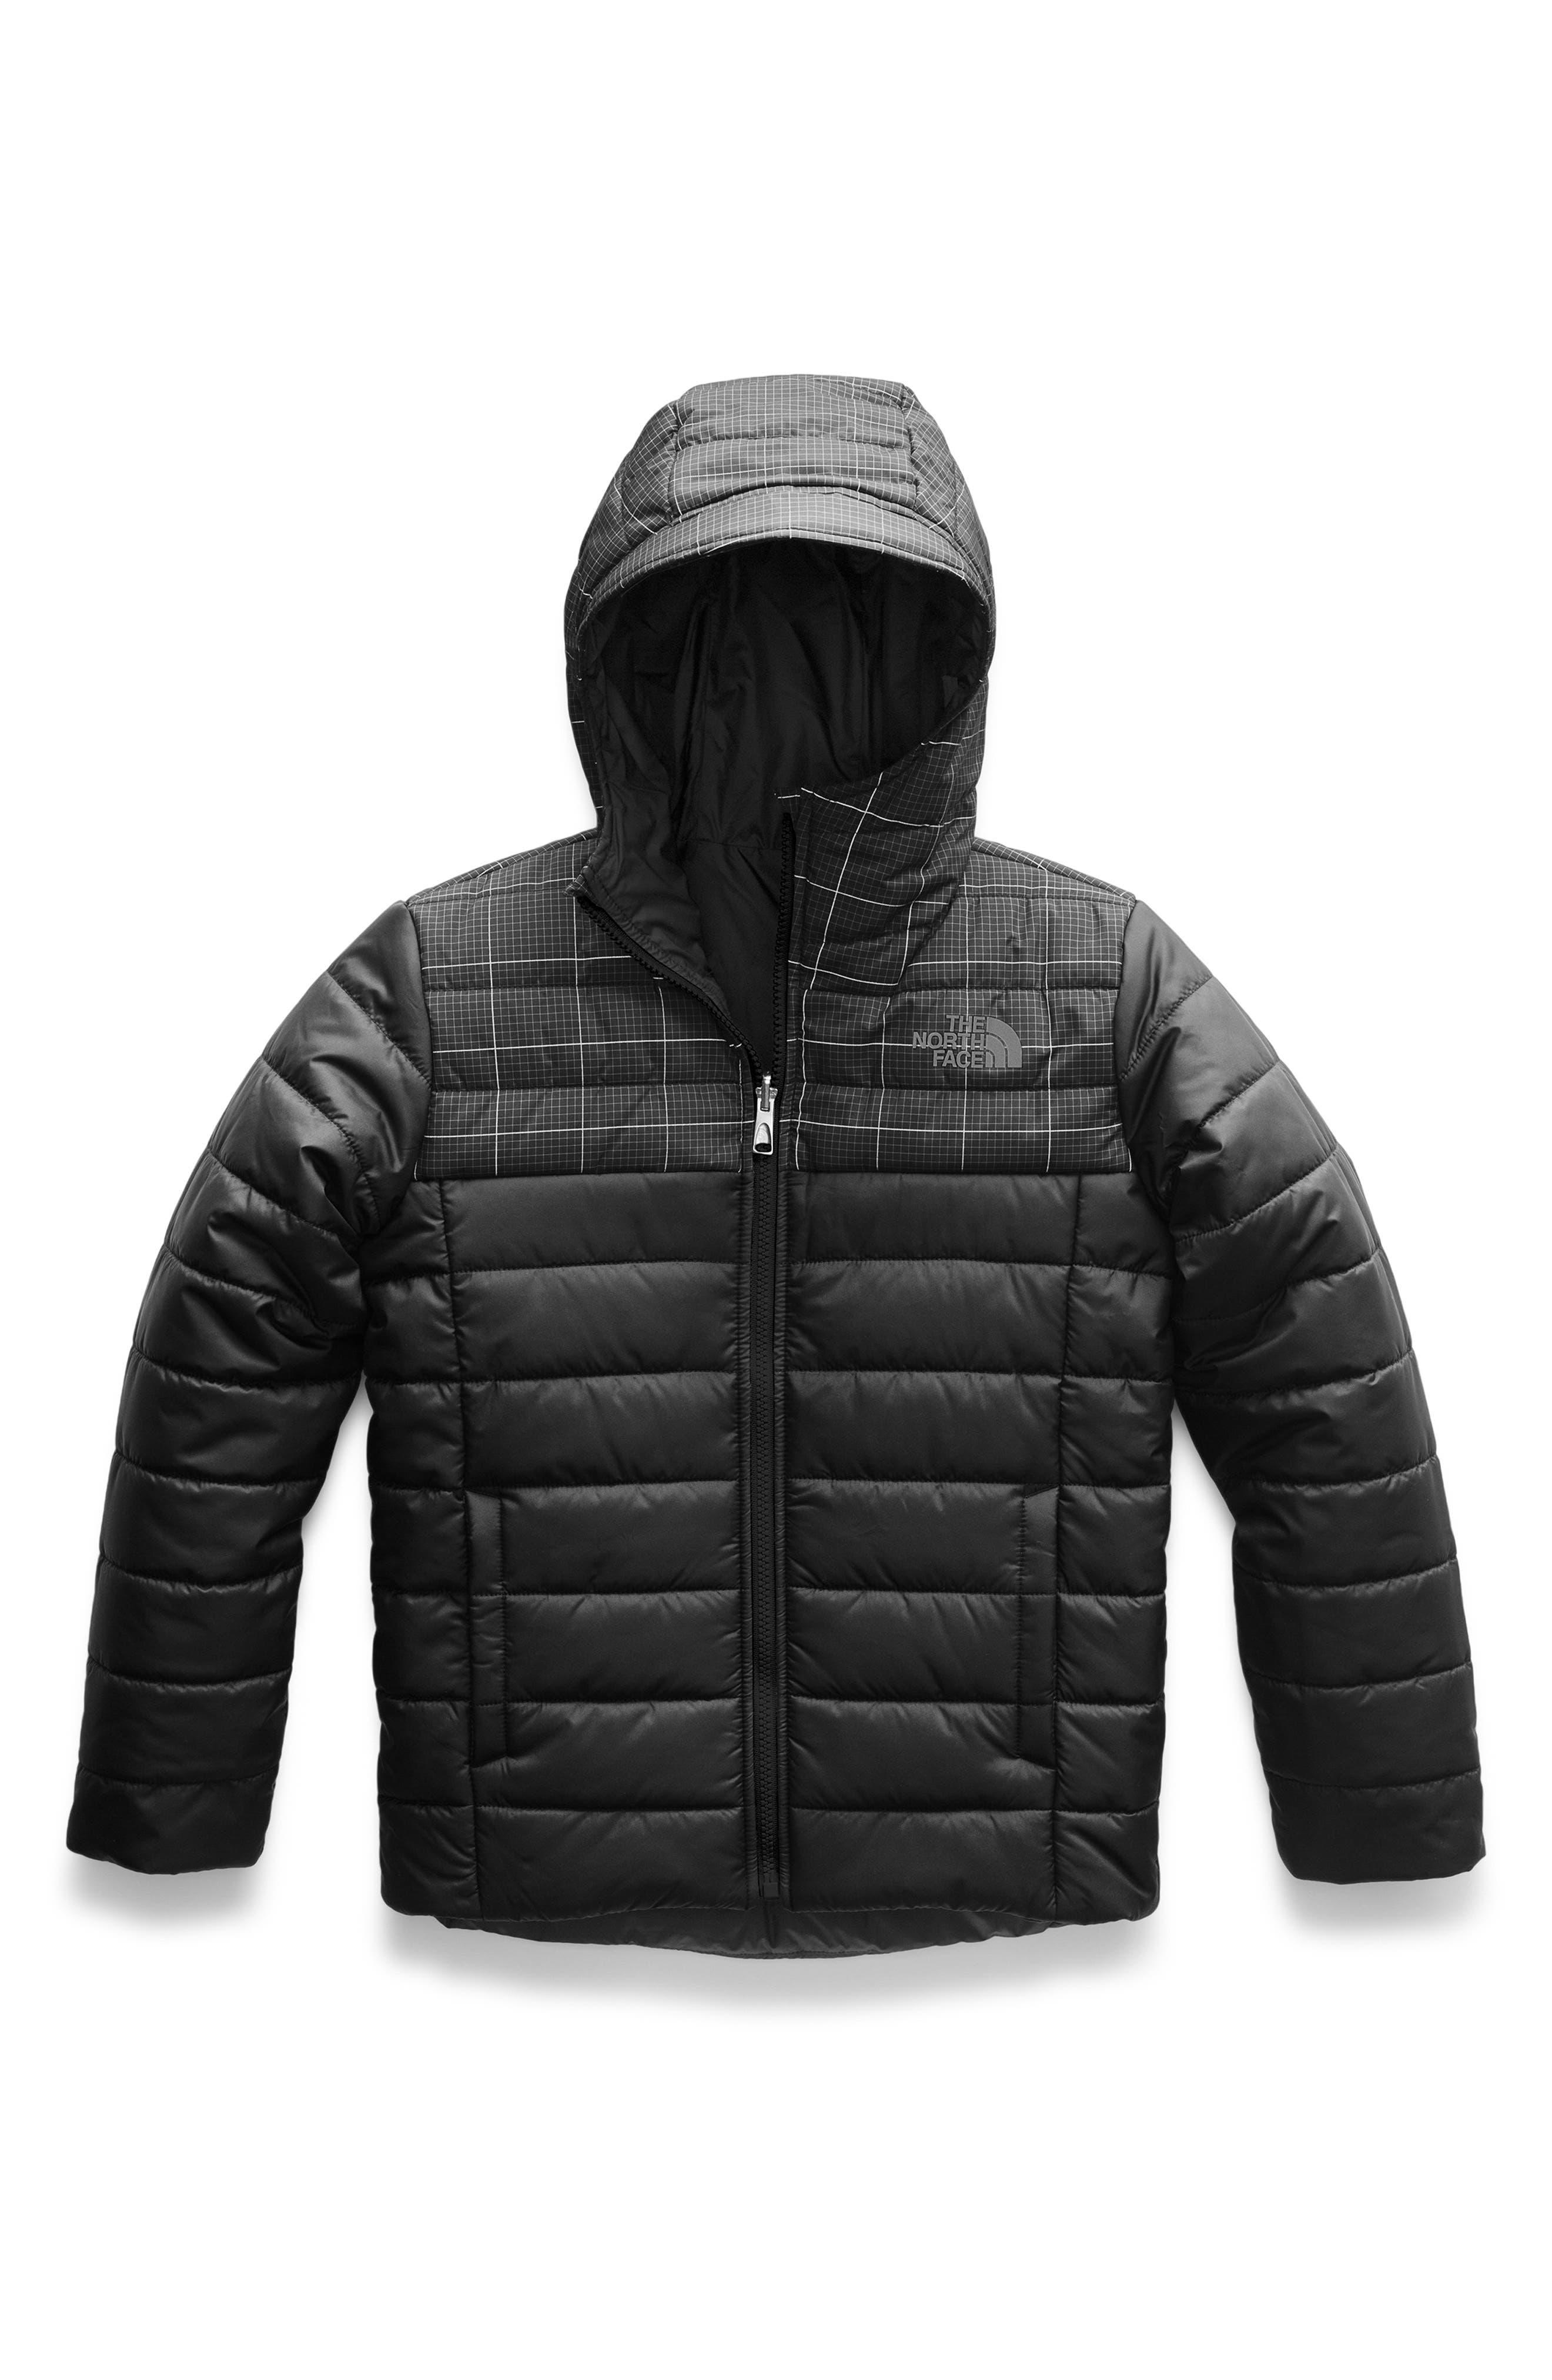 Perrito Reversible Water Resistant Jacket,                             Main thumbnail 1, color,                             001